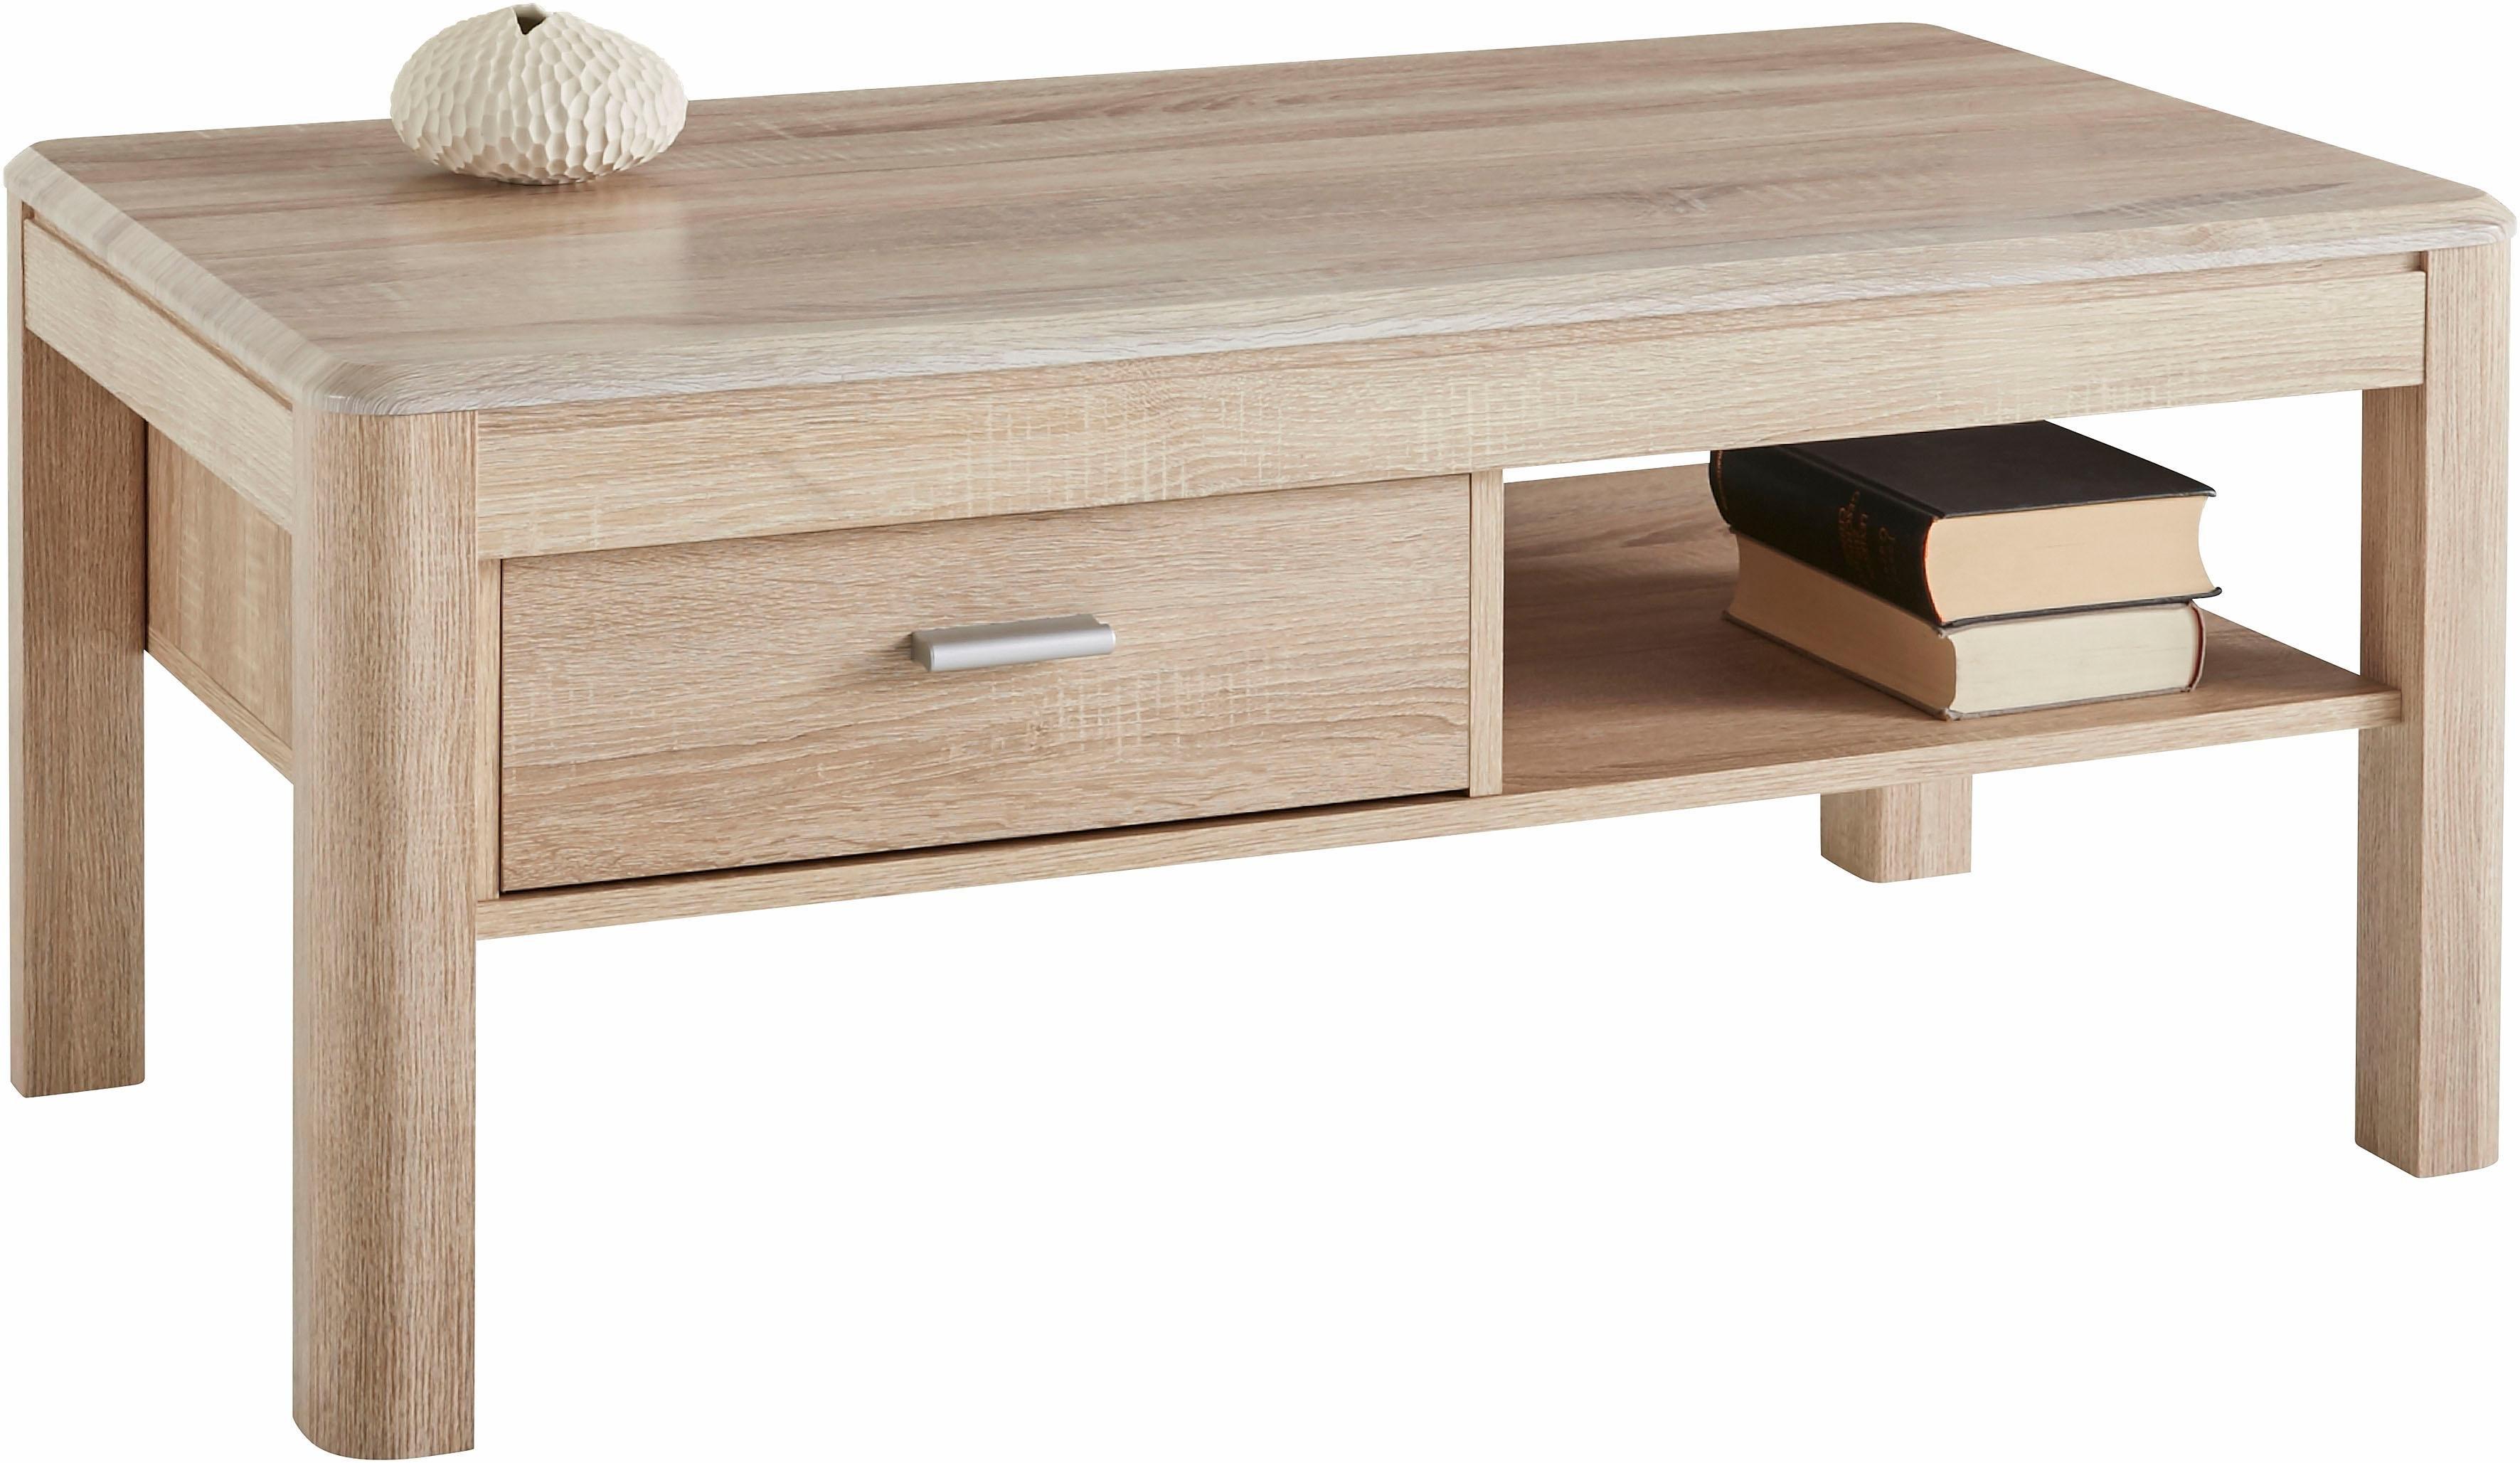 Boekenplank Met Lade.Salontafel Met Lade En Plank In De Online Winkel Otto